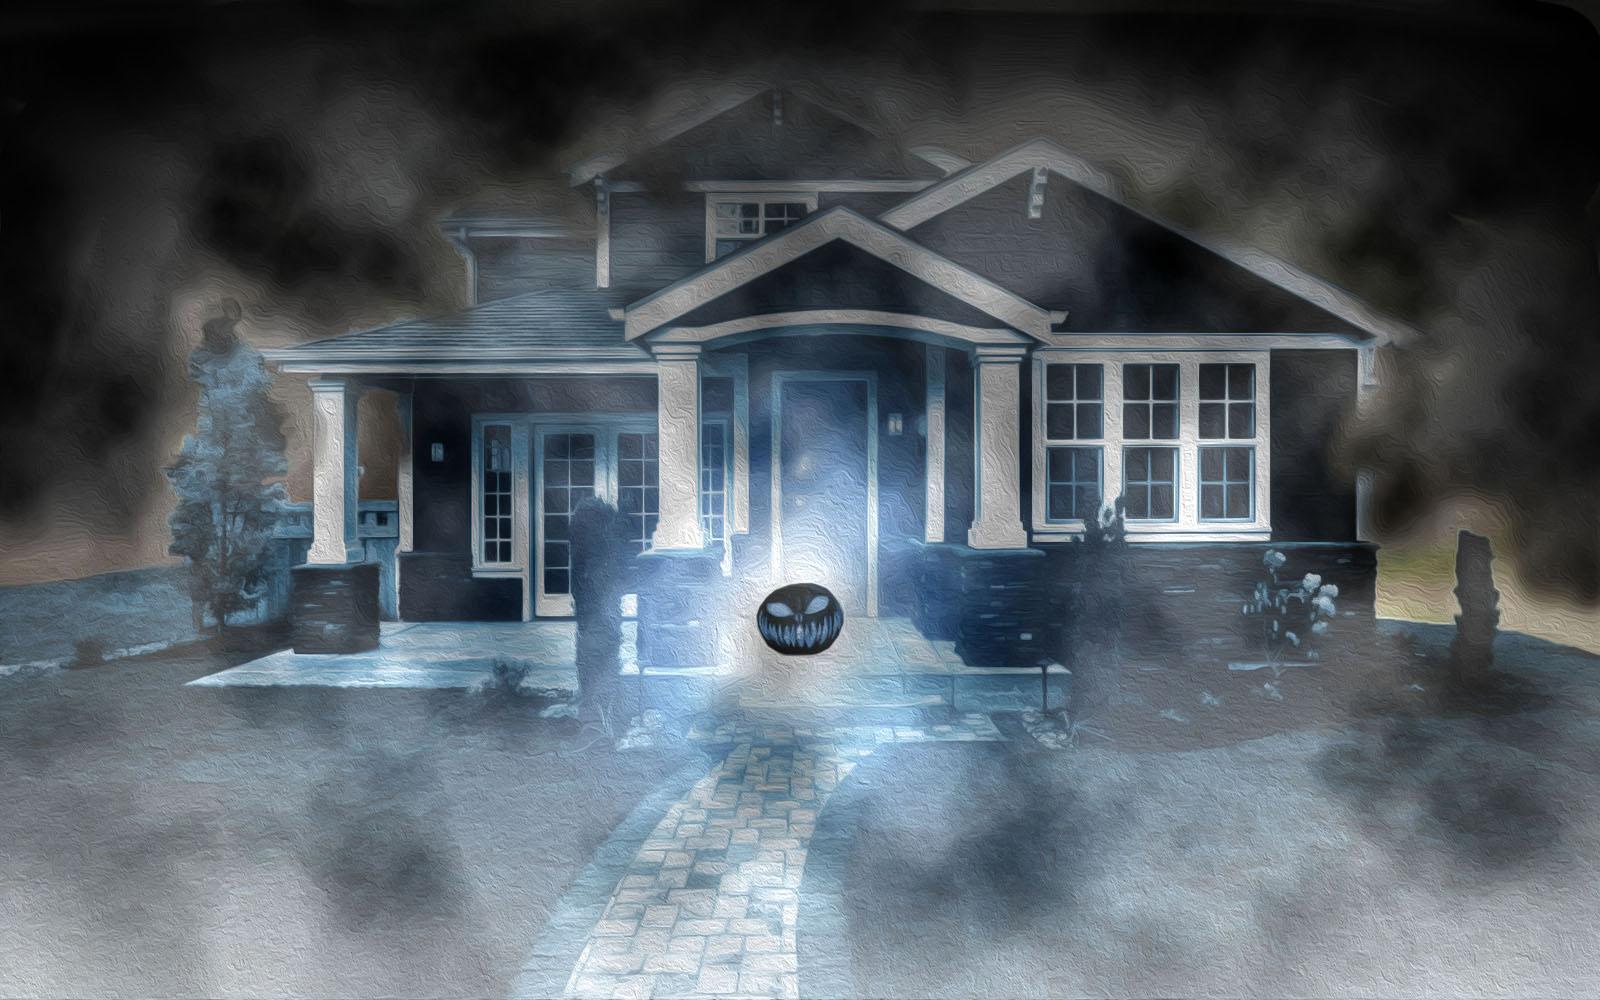 Bruma y máscaras. Un relato de Halloween   El Biblioverso. Ciencia ficción, terror y fantasía.